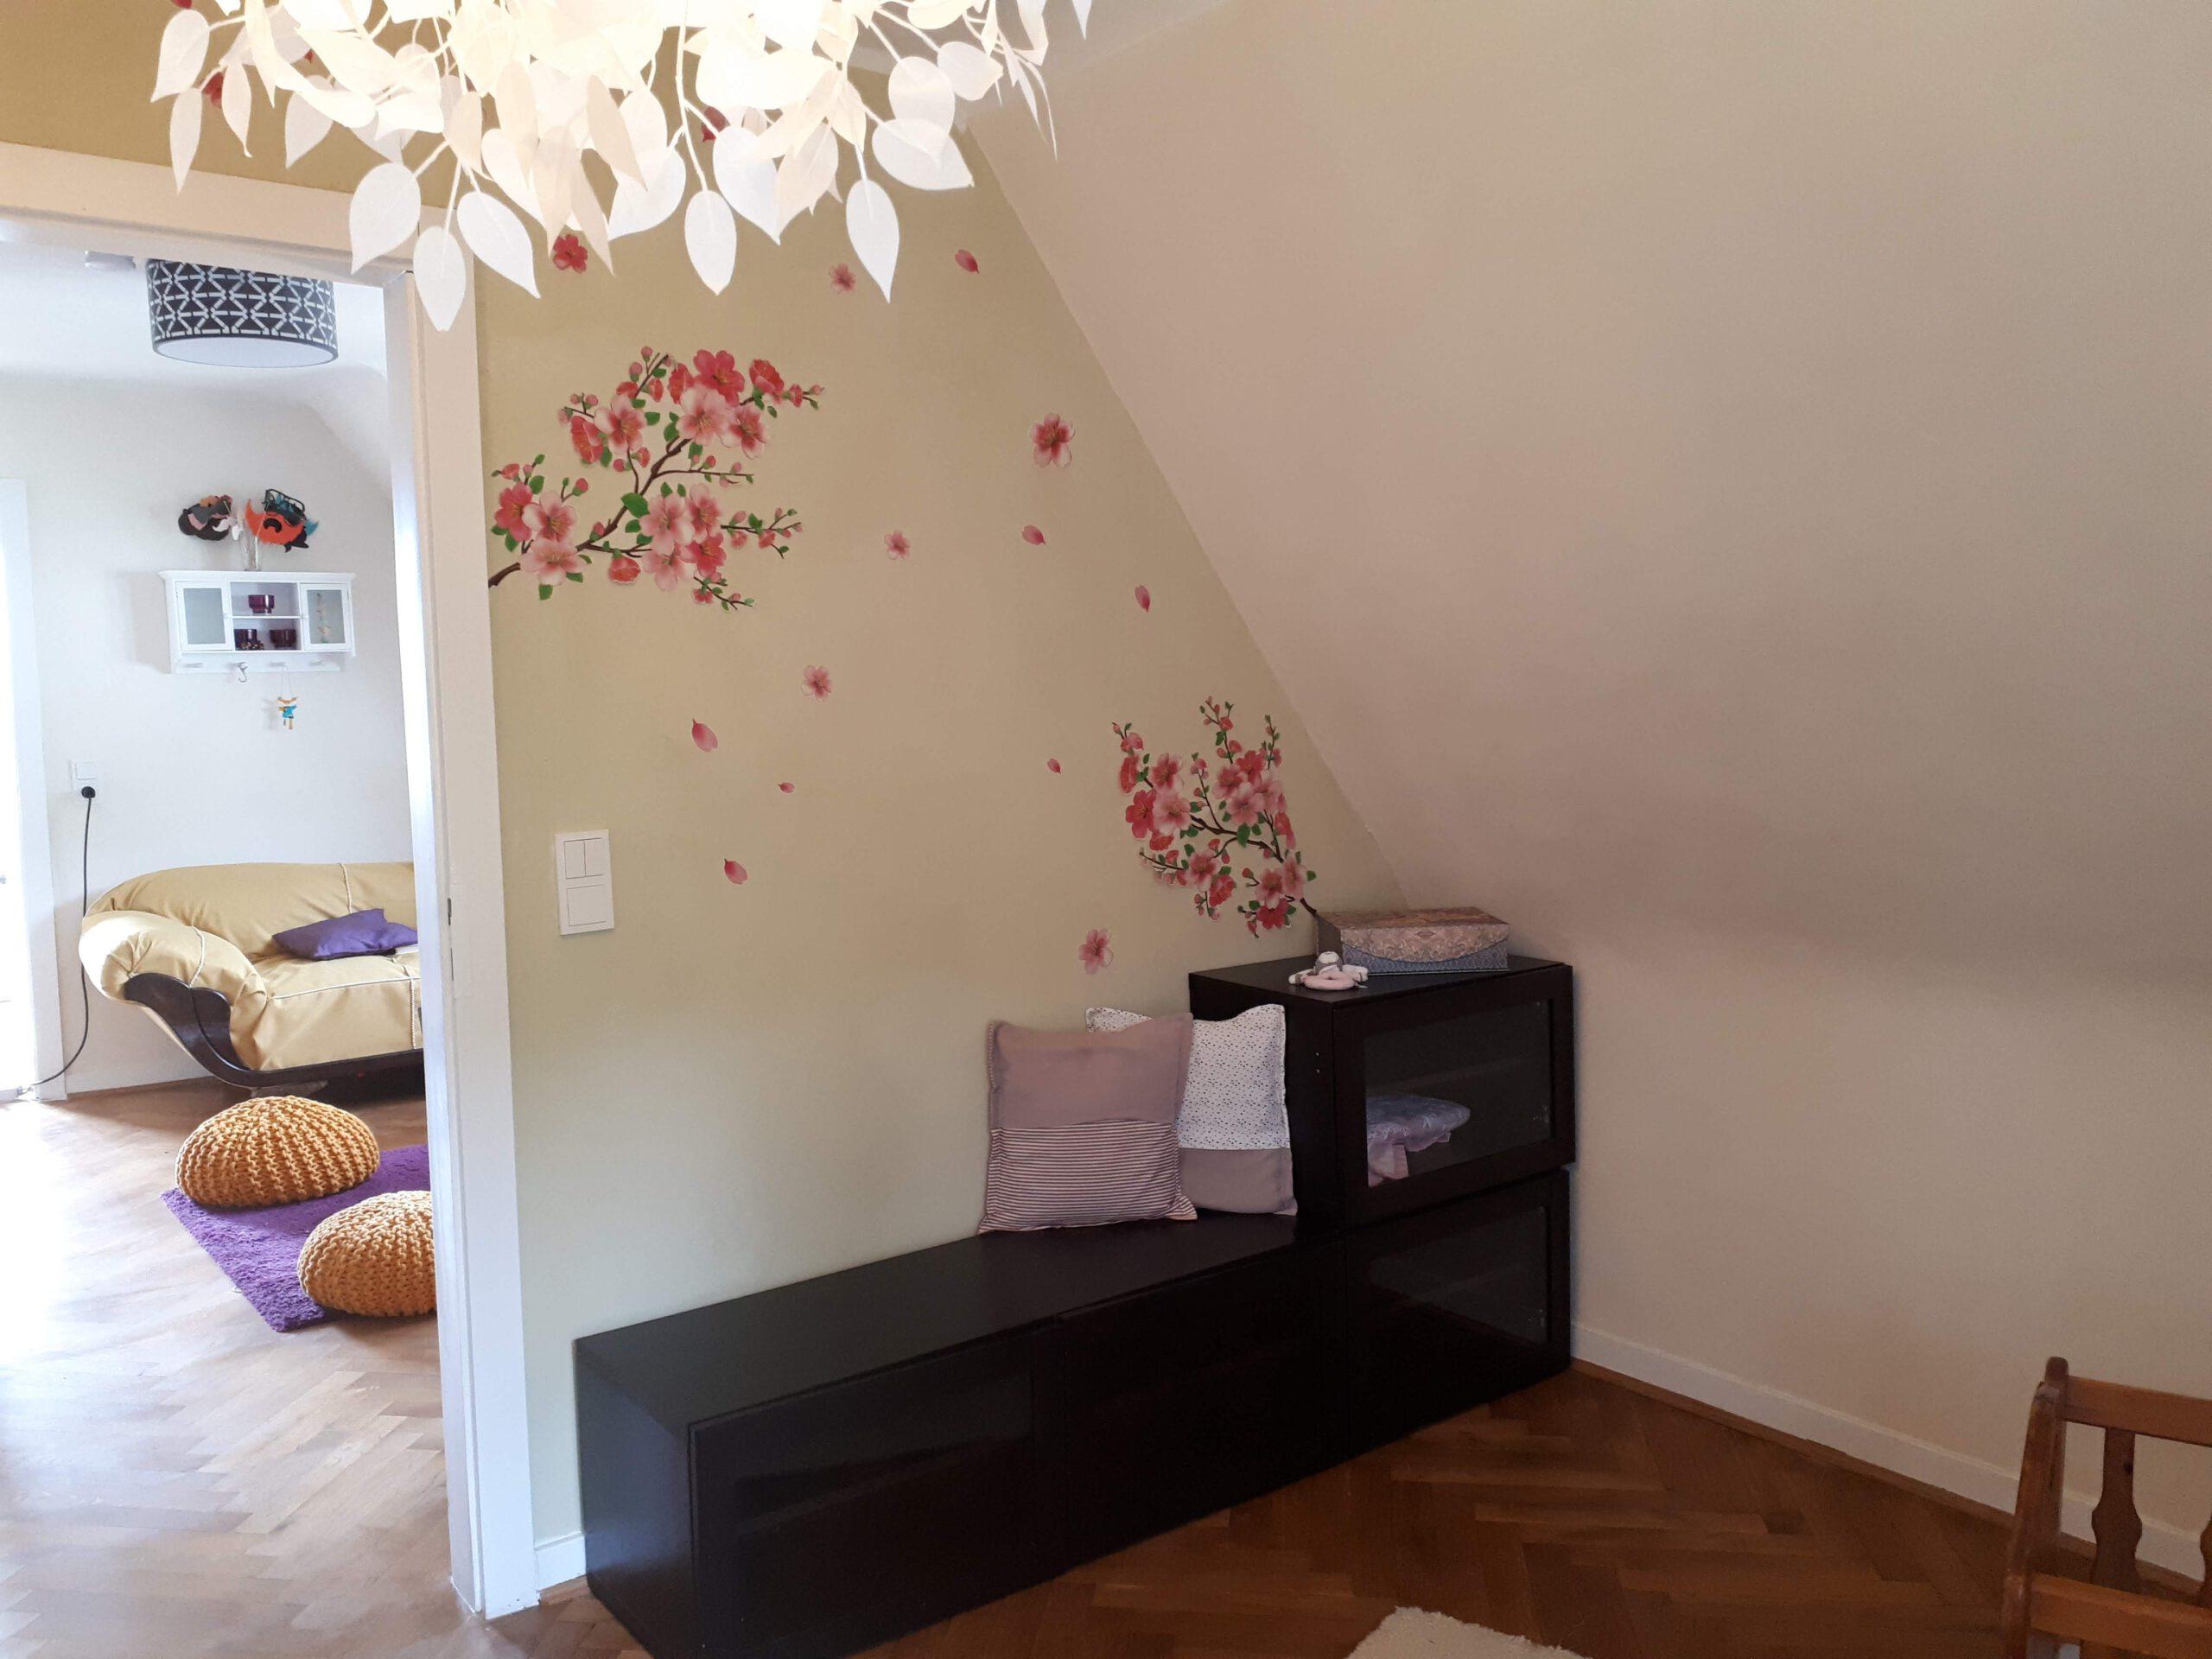 Das kleinere Kinderzimmer ebenfalls in zeitlosen Farben.